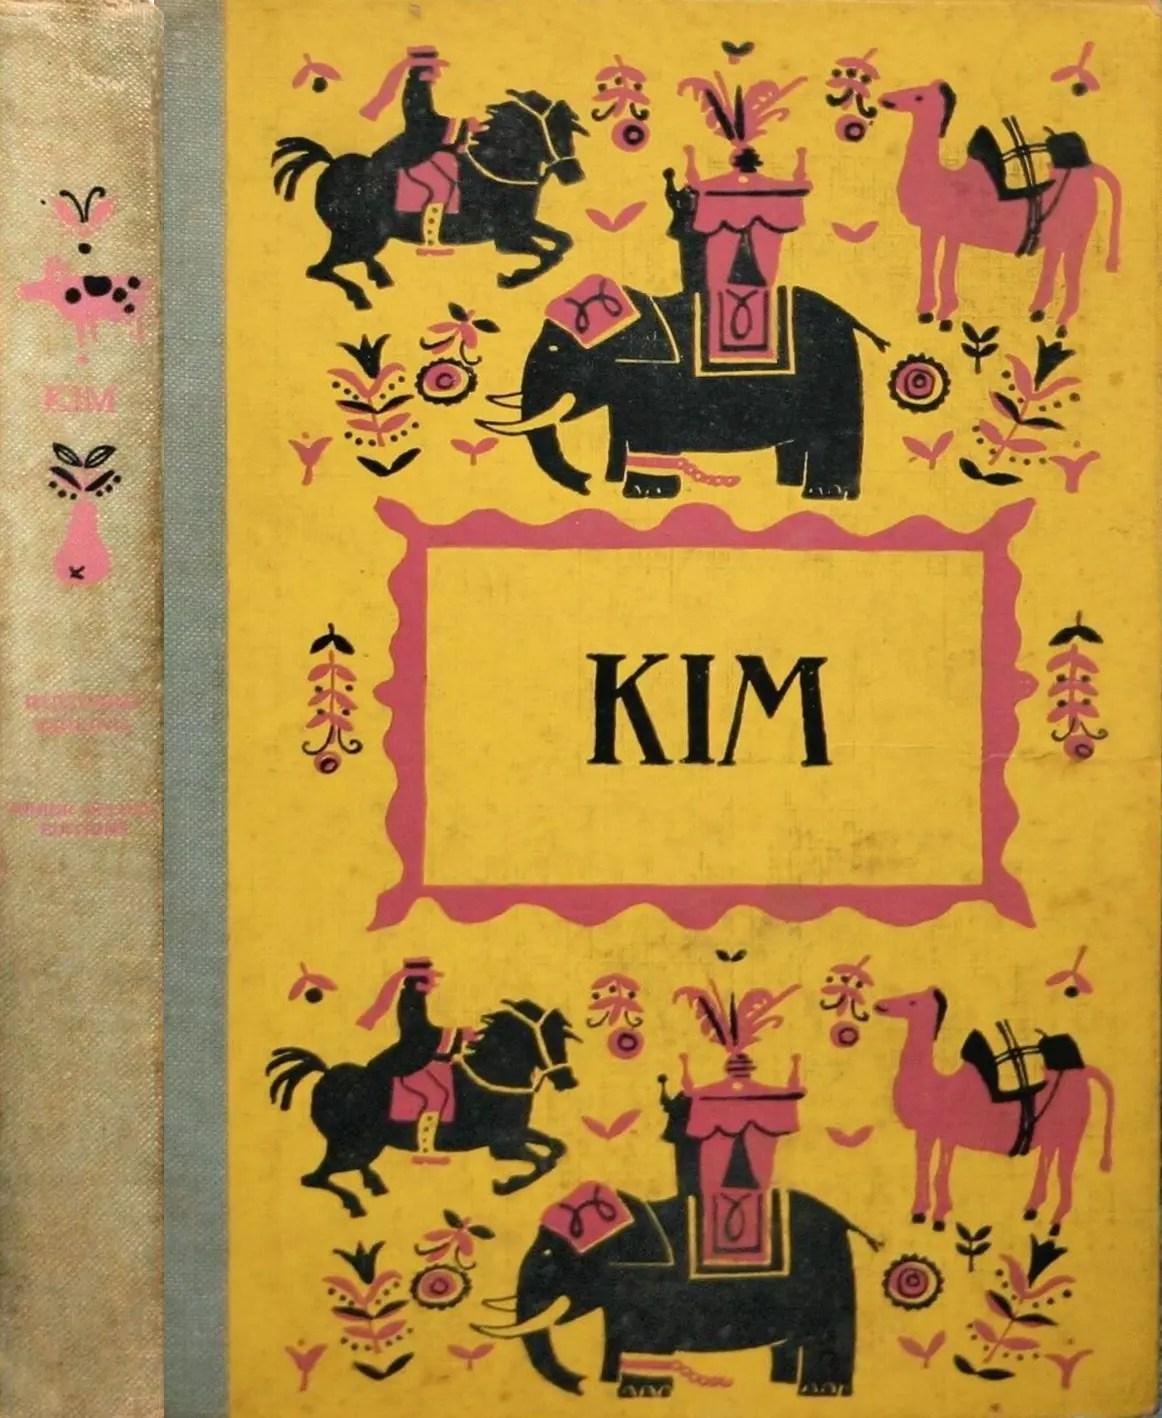 JDE Kim FULL yellow cover